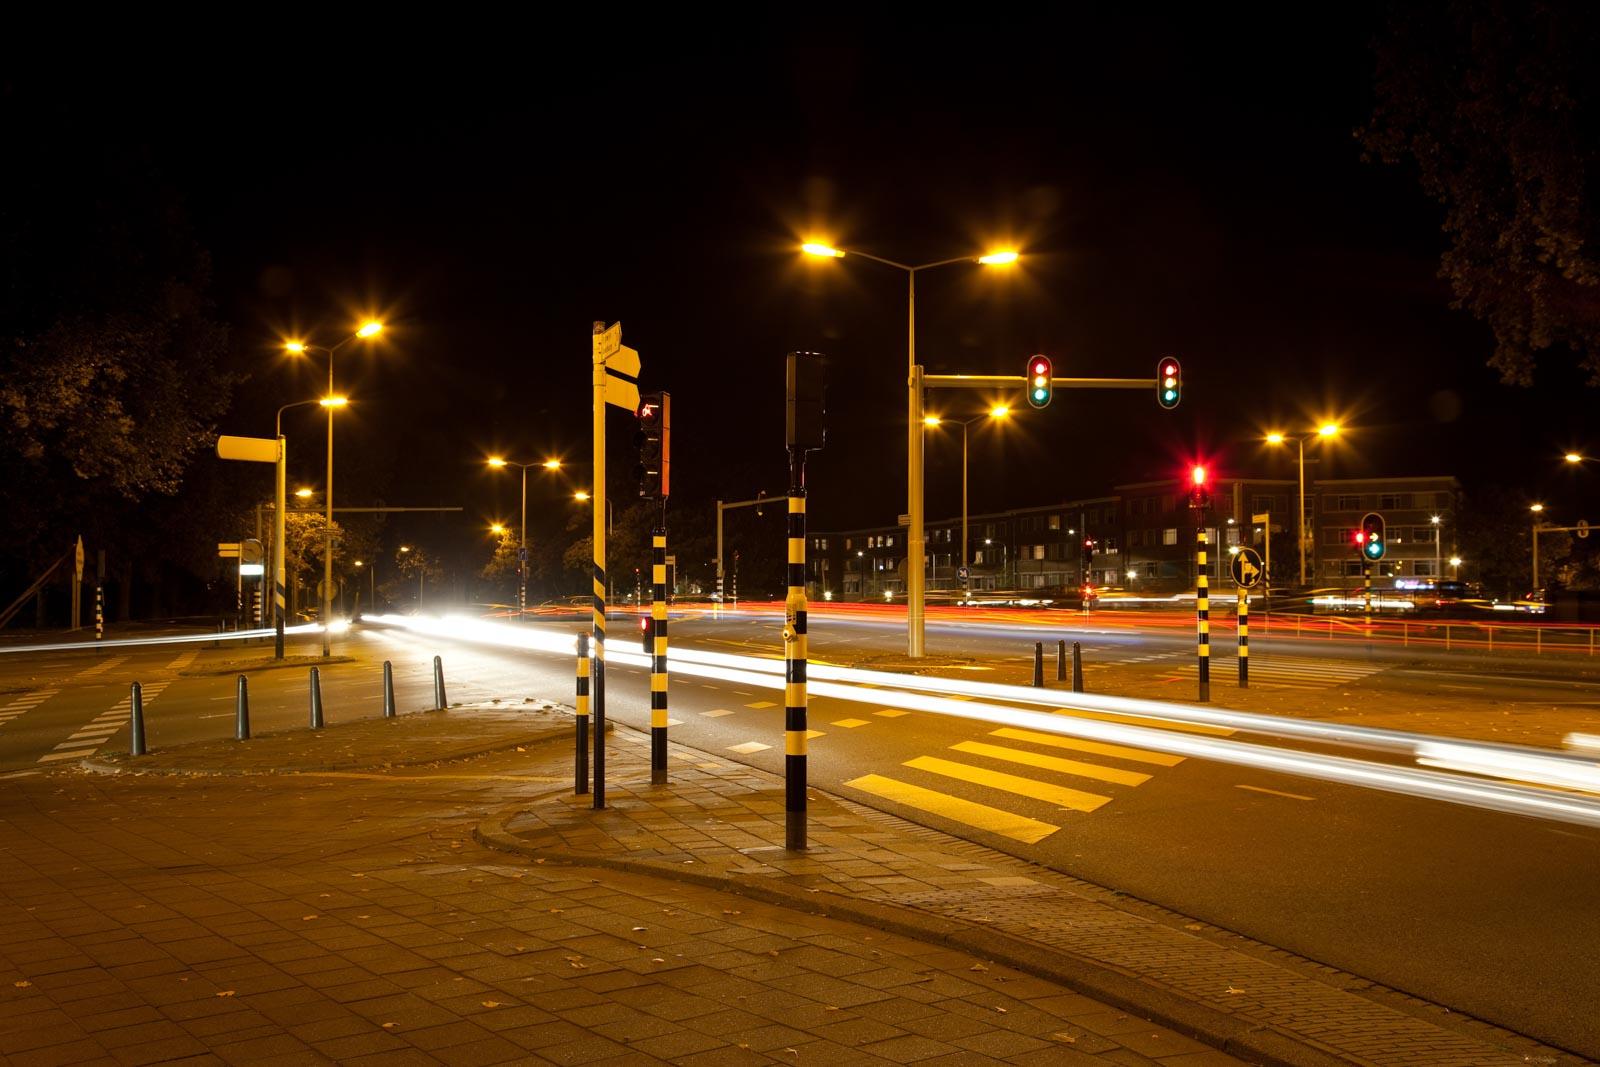 Nachtfoto van rijdende auto met lange sluitertijd